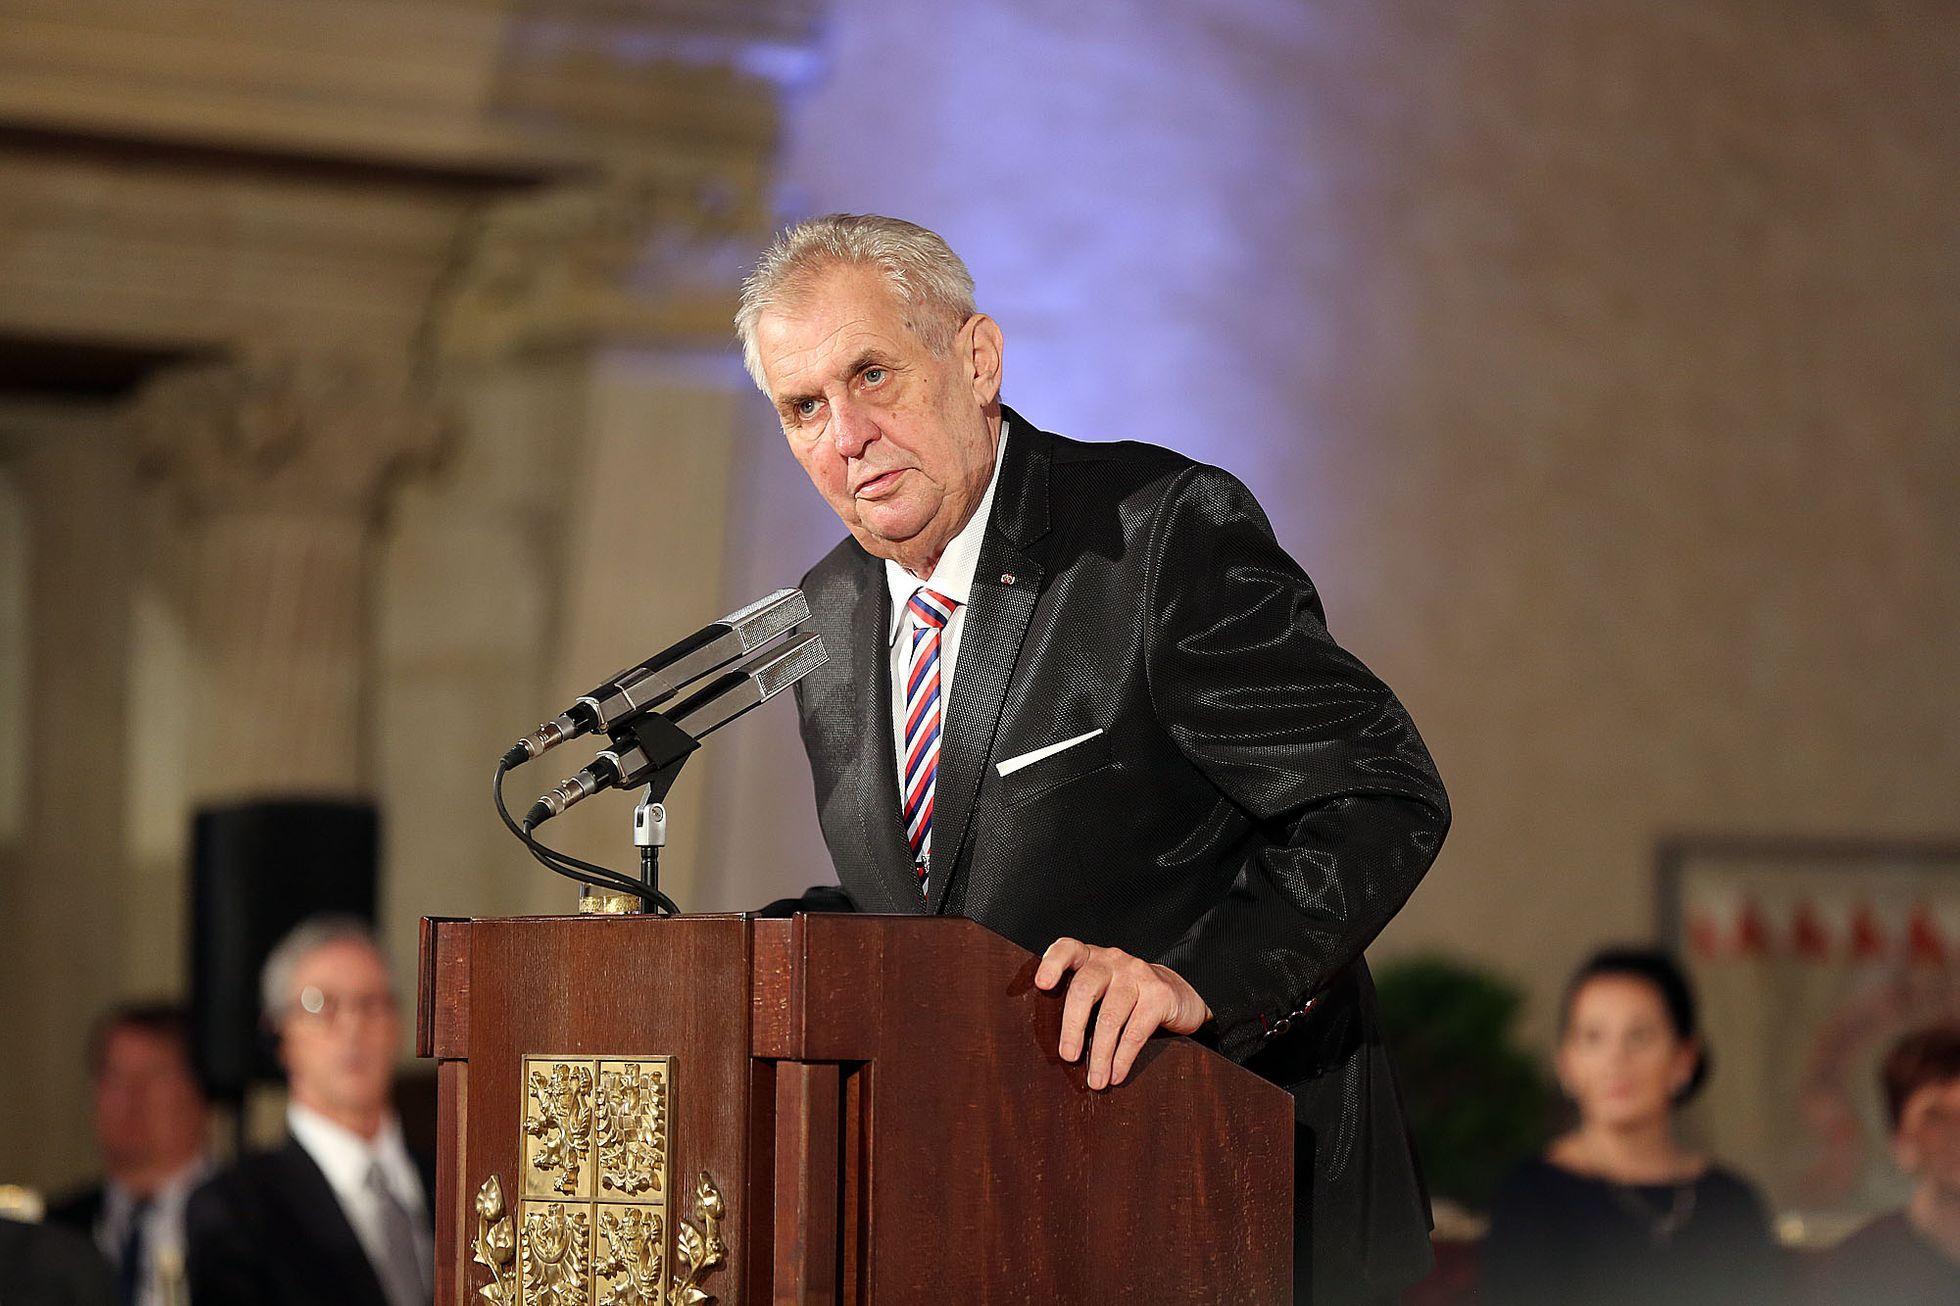 ŽIVĚ: Jak prezident Zeman pojme oslavy 28. října? Sledujte brífink mluvčího Ovčáčka